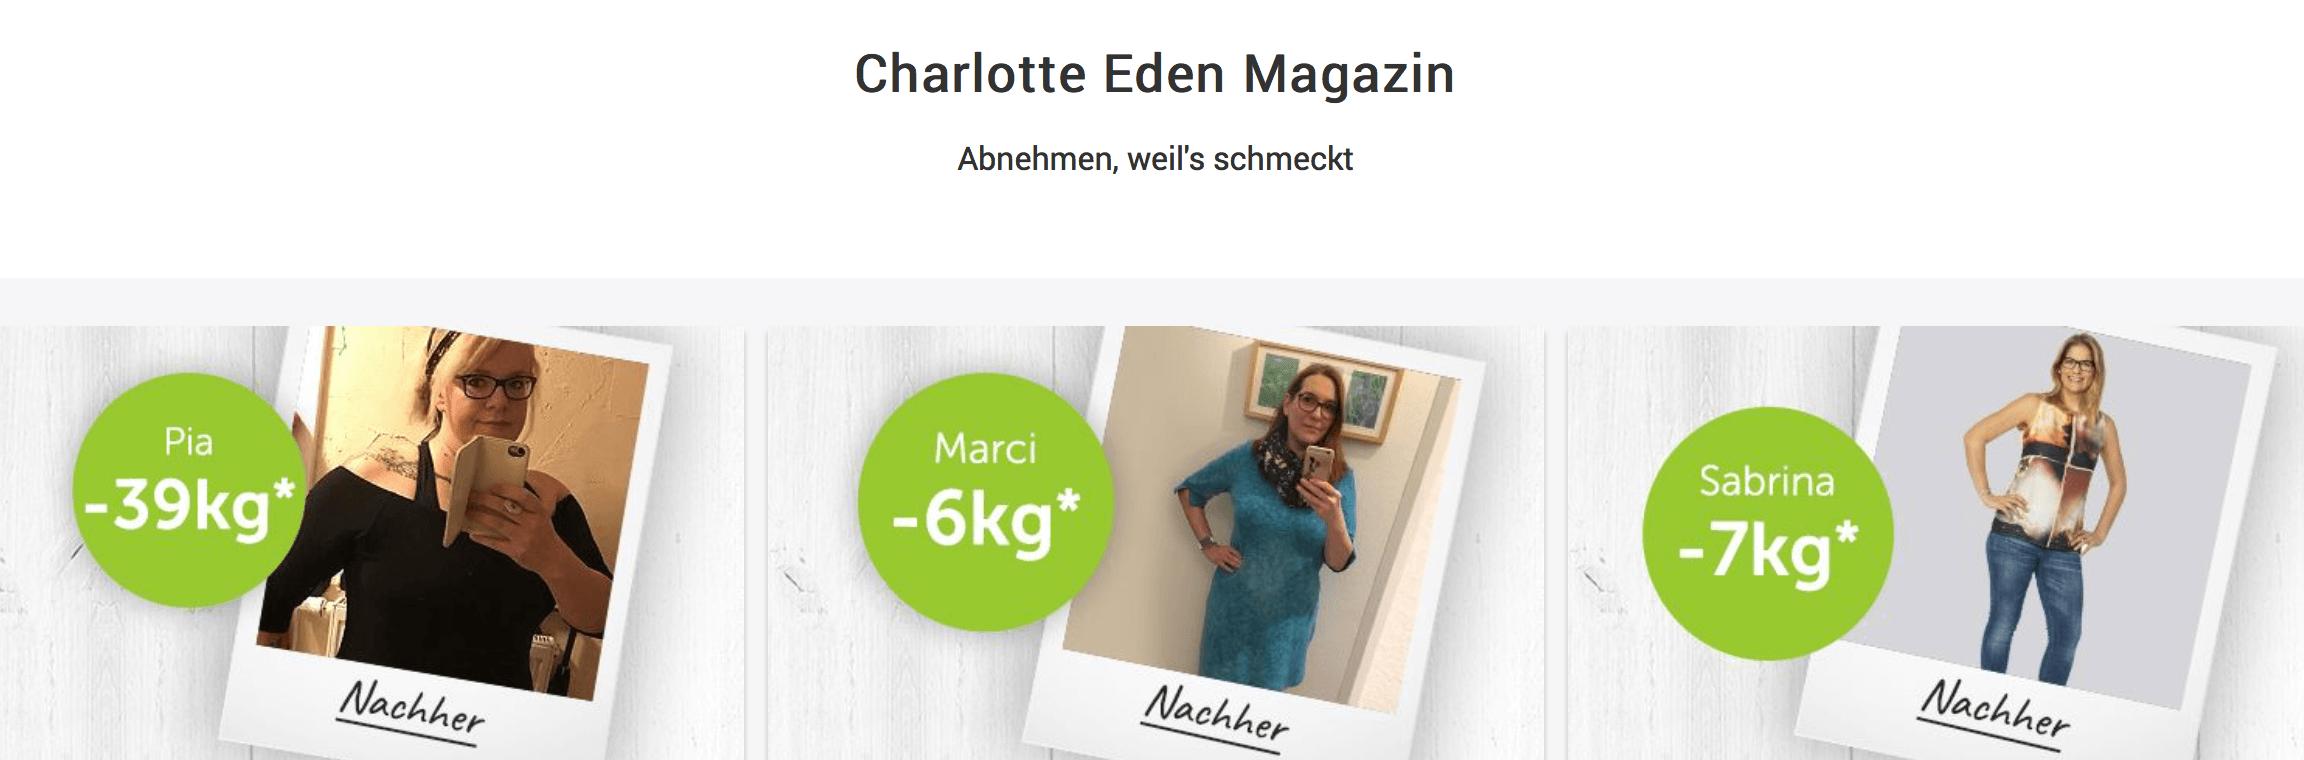 Weniger Gewicht dank Charlotte Eden